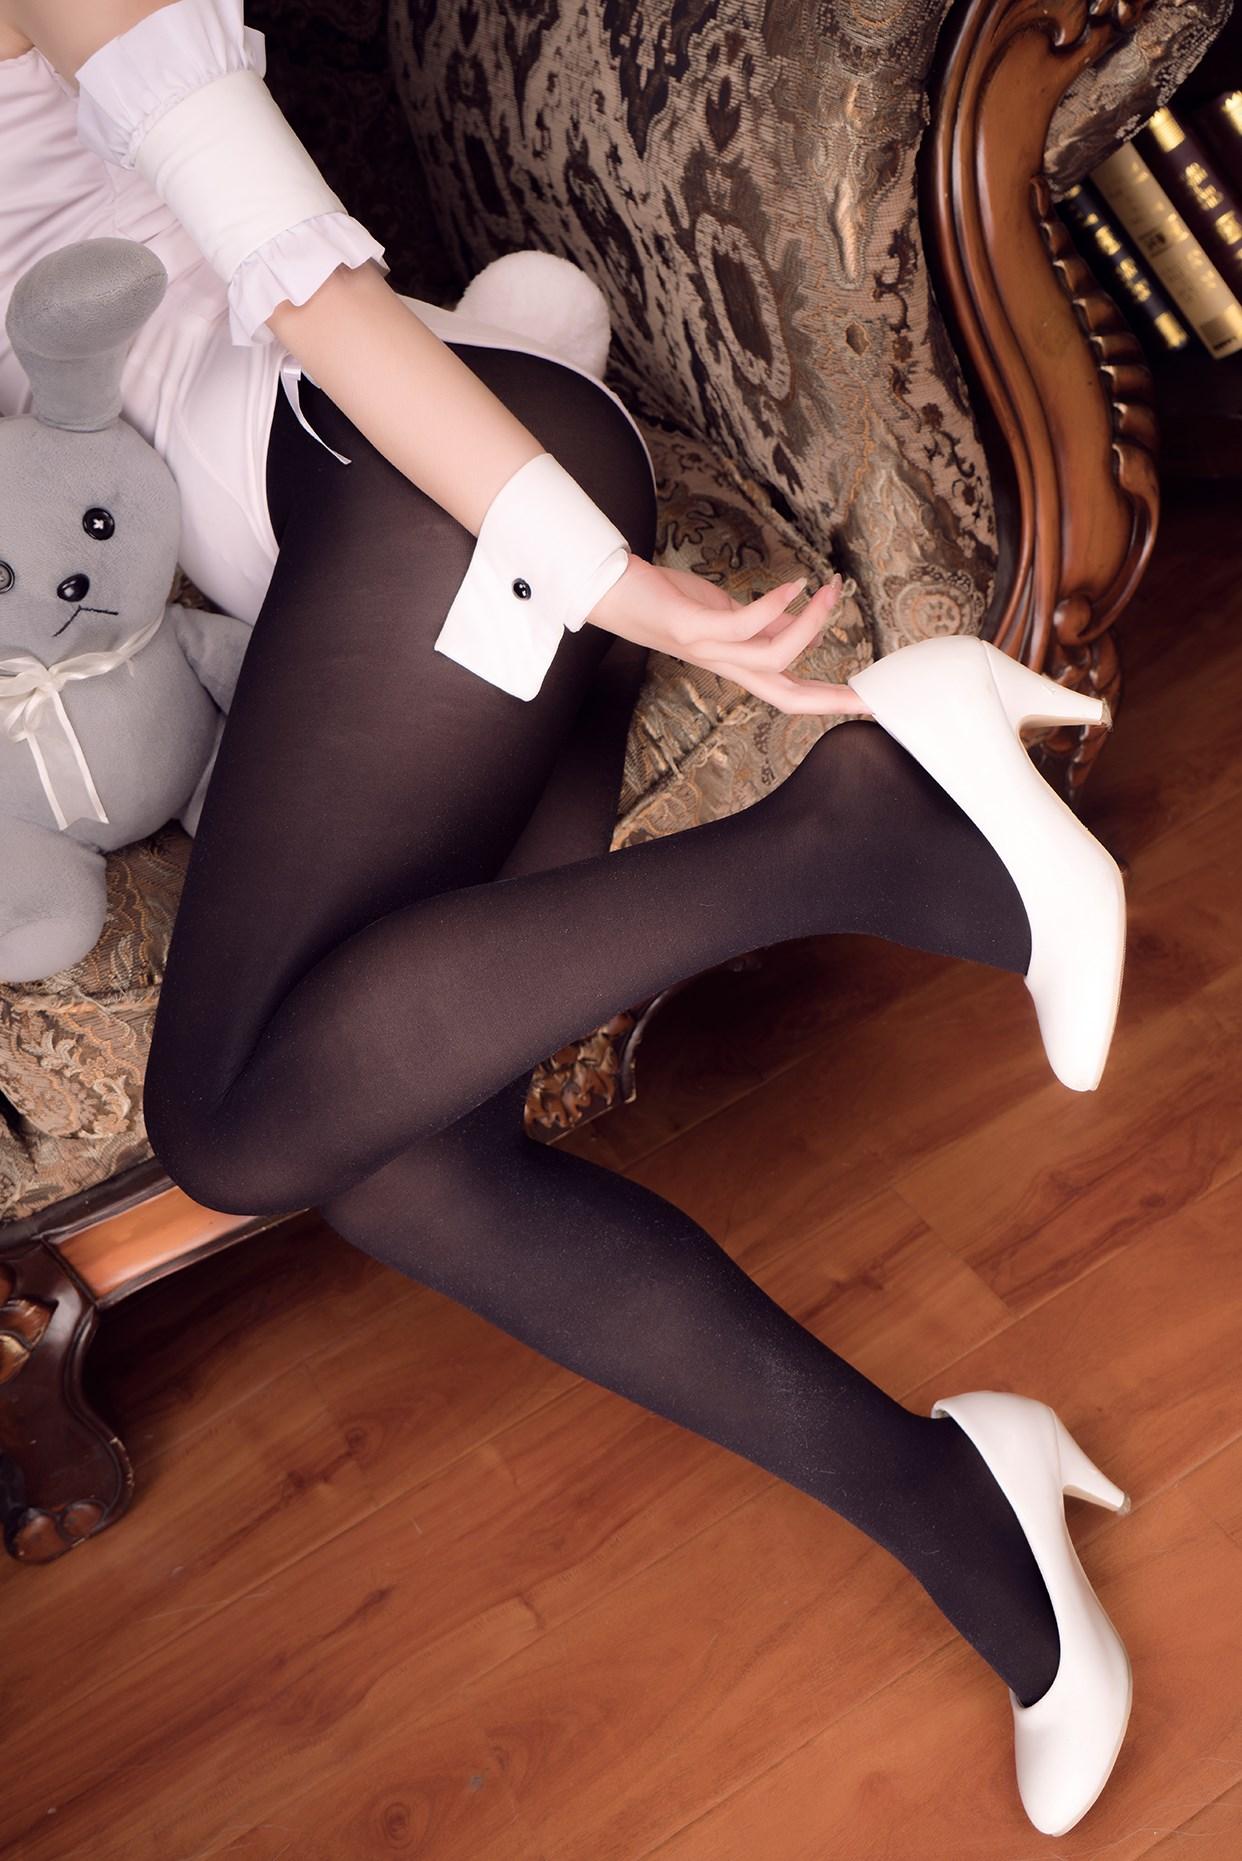 【兔玩映画】兔女郎vol.15-穹妹 兔玩映画 第45张